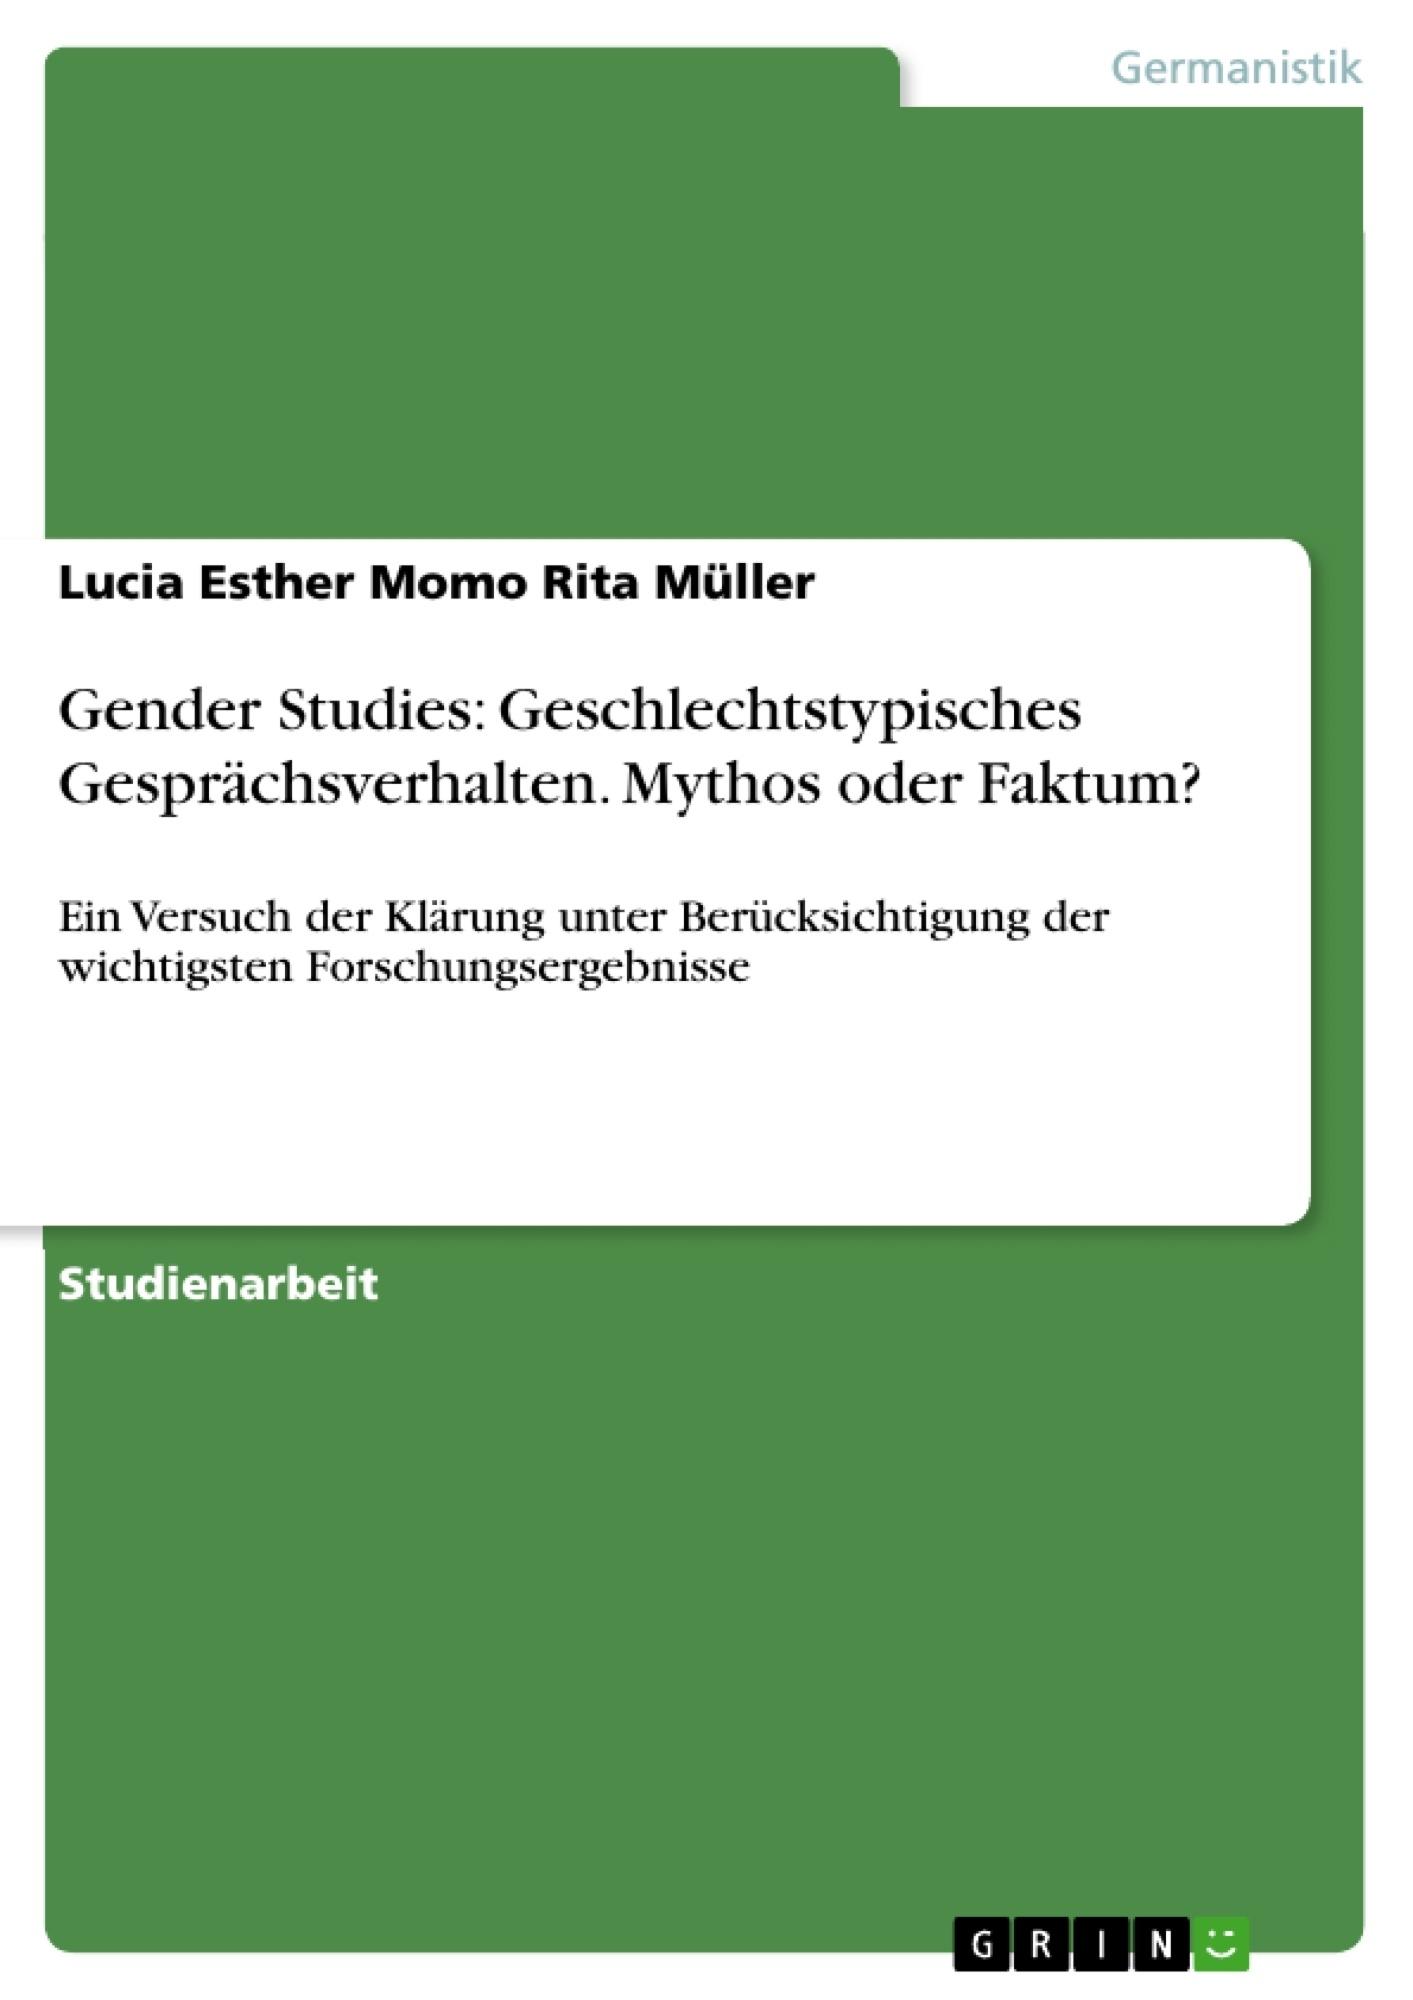 Titel: Gender Studies: Geschlechtstypisches Gesprächsverhalten. Mythos oder Faktum?